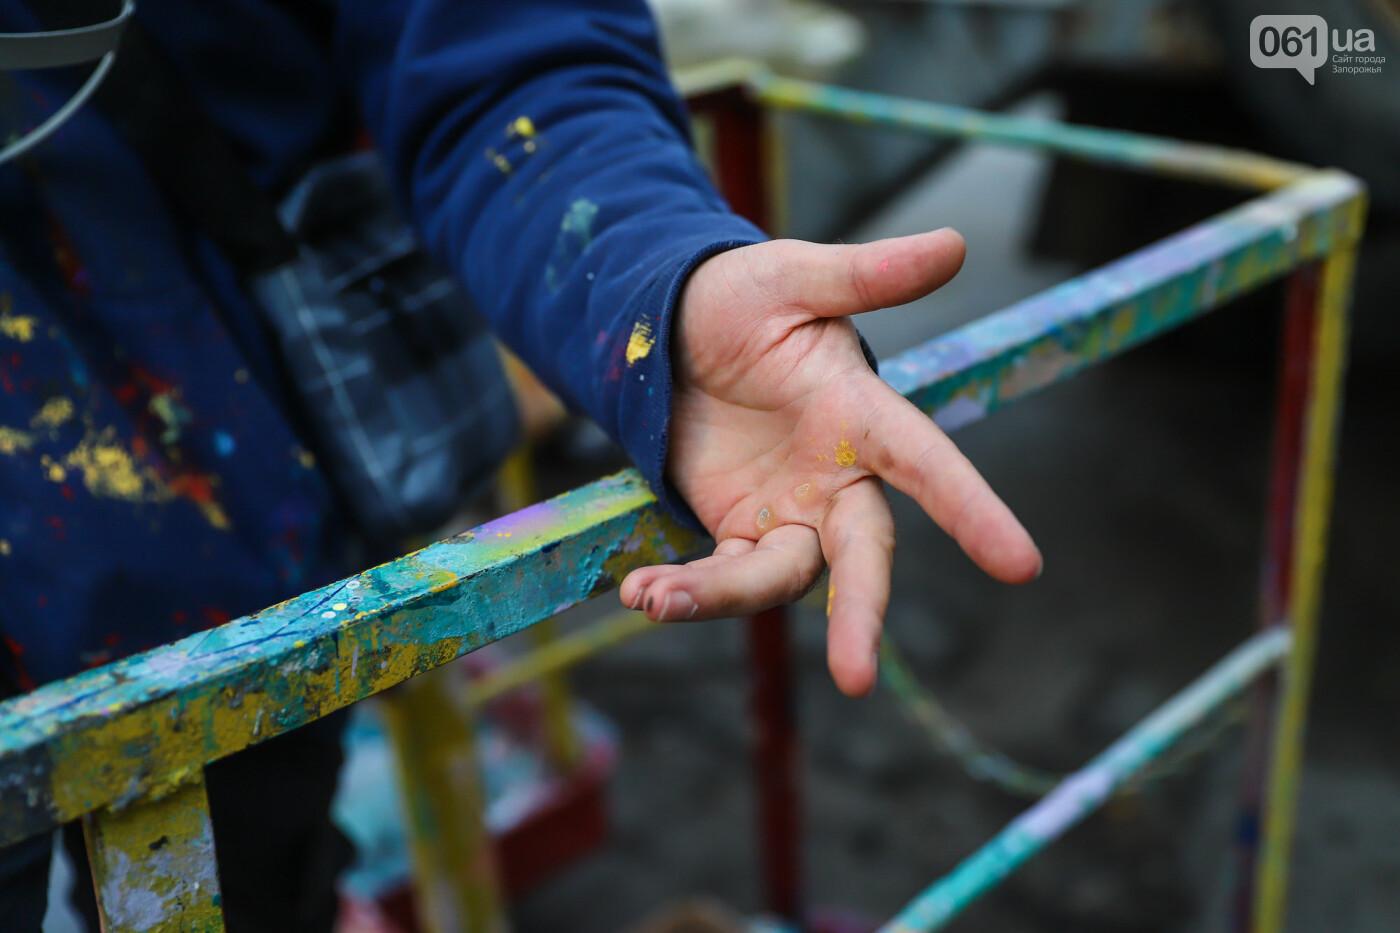 Художник из Нью-Йорка нарисовал мурал к 250-летию Запорожья - ФОТОРЕПОРТАЖ , фото-7